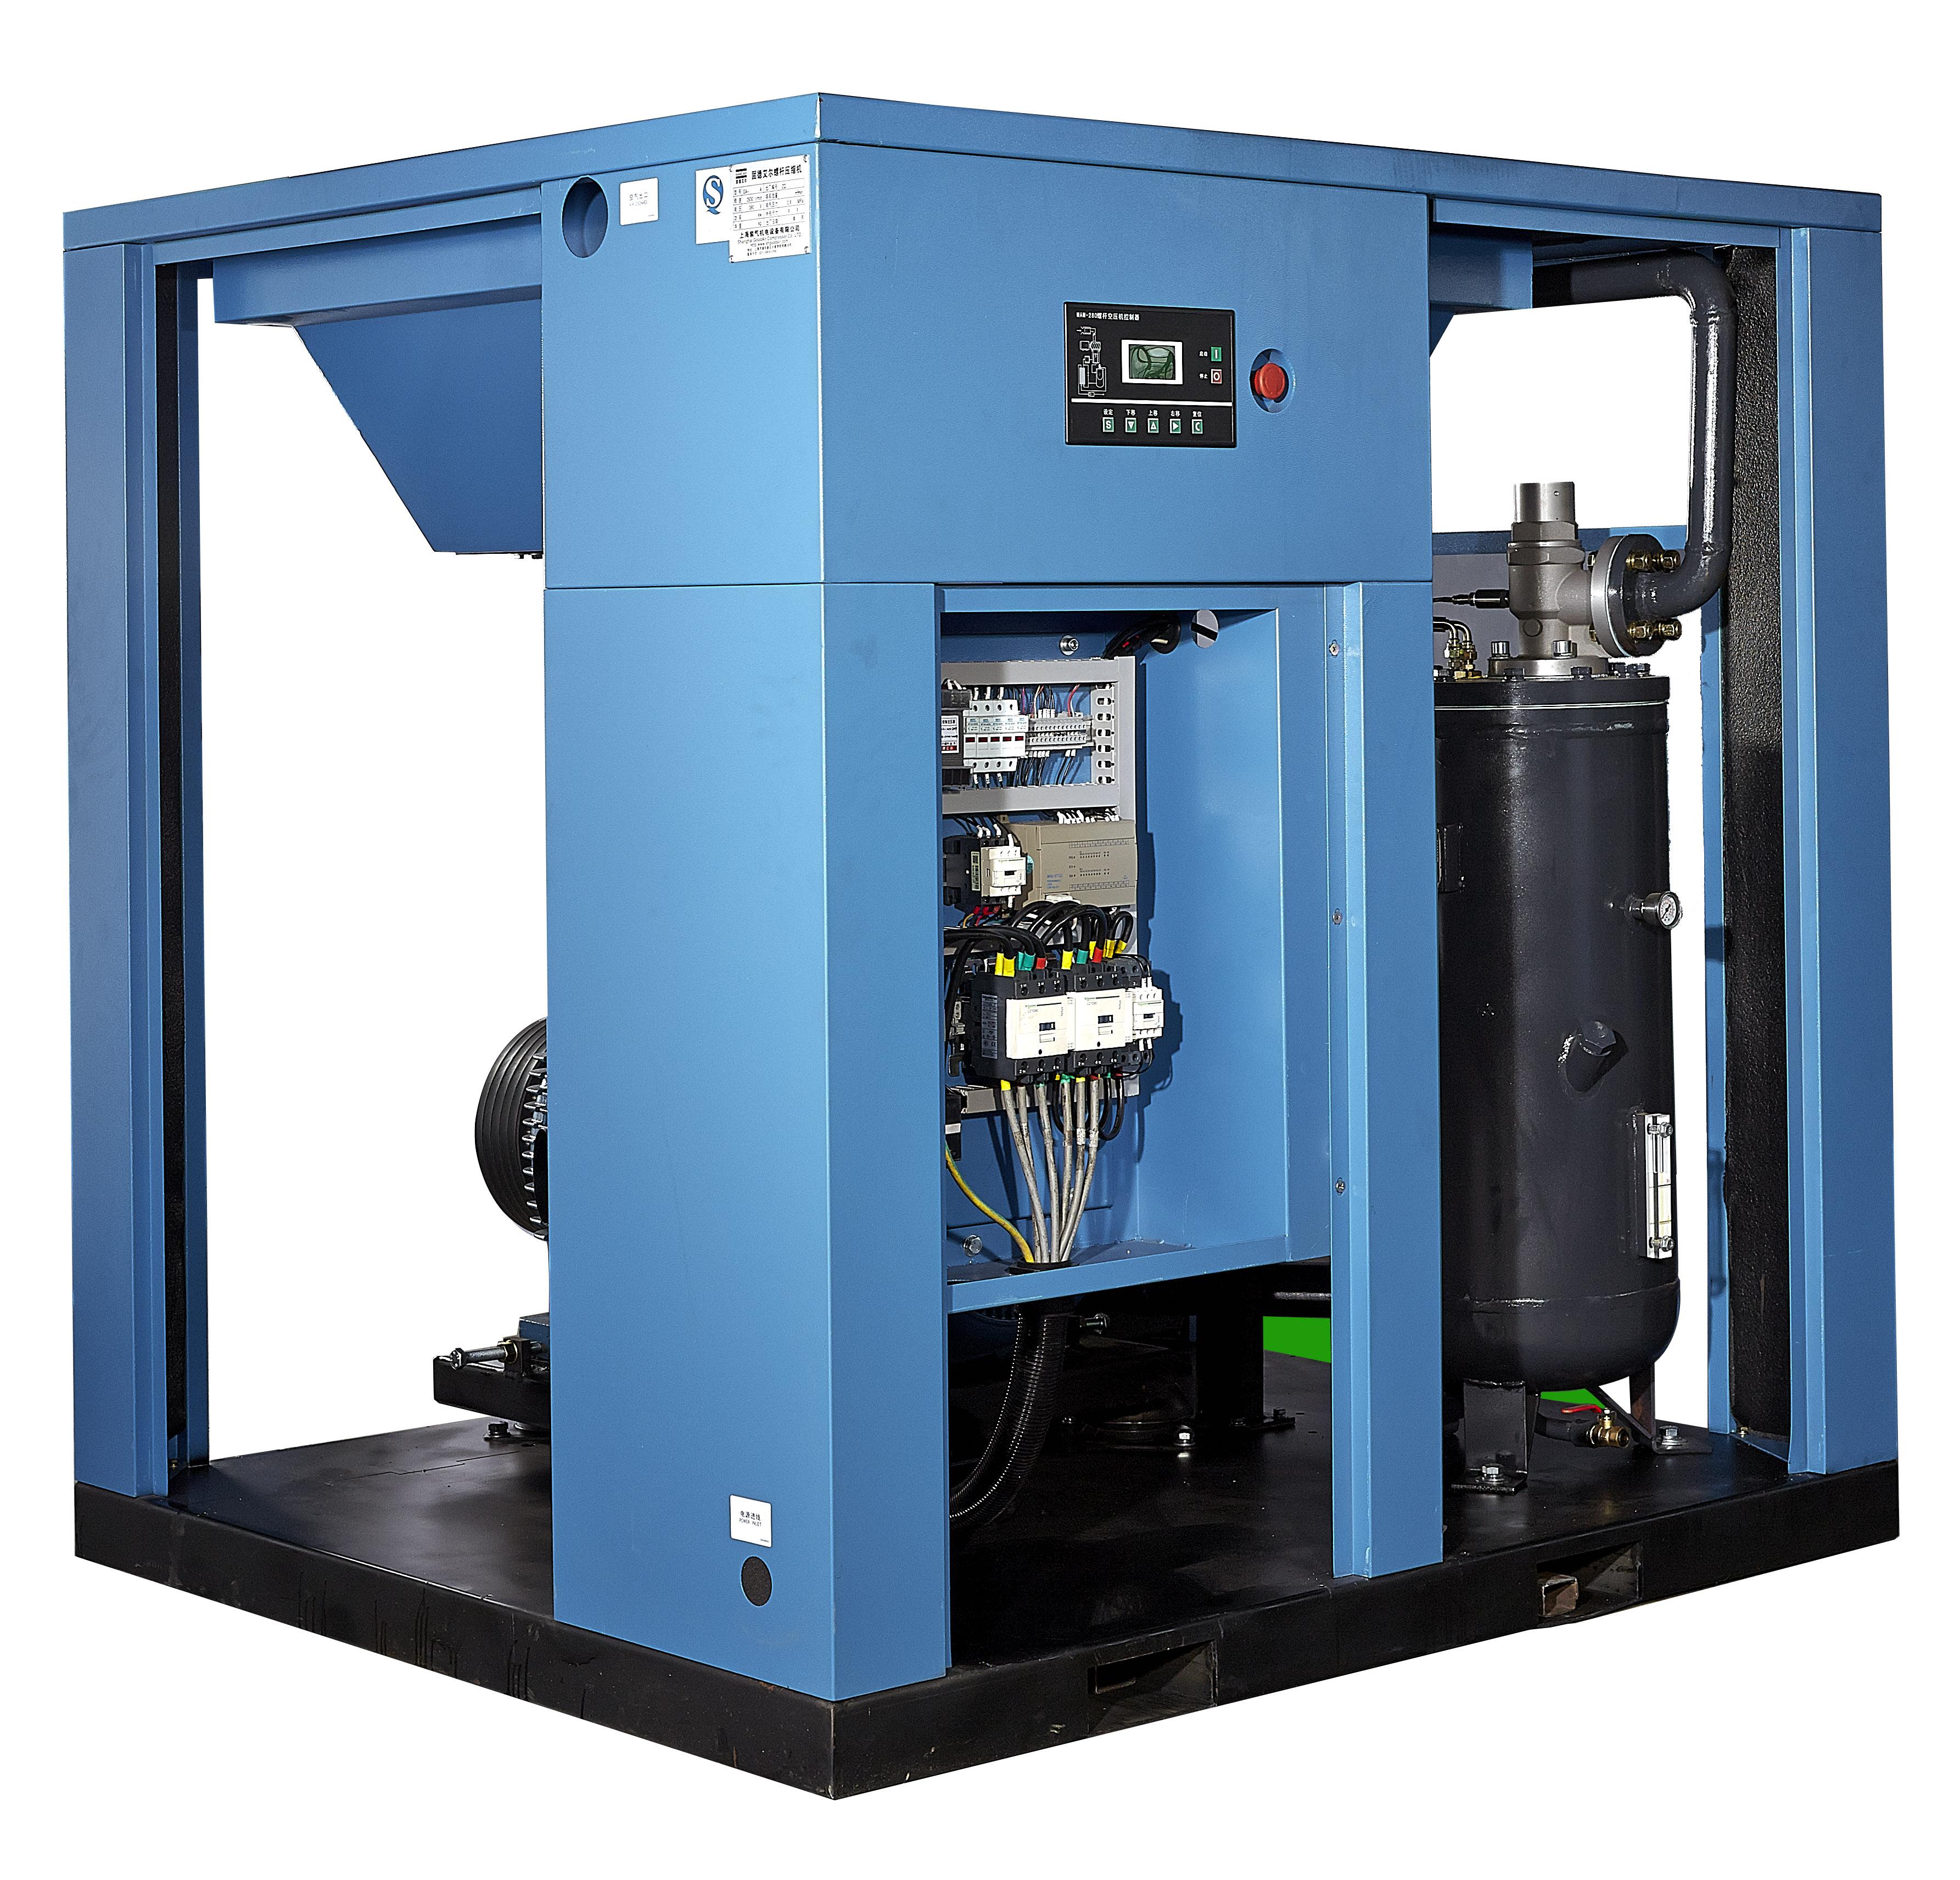 空气压缩机安全操作规程 空压机的安全操作规程